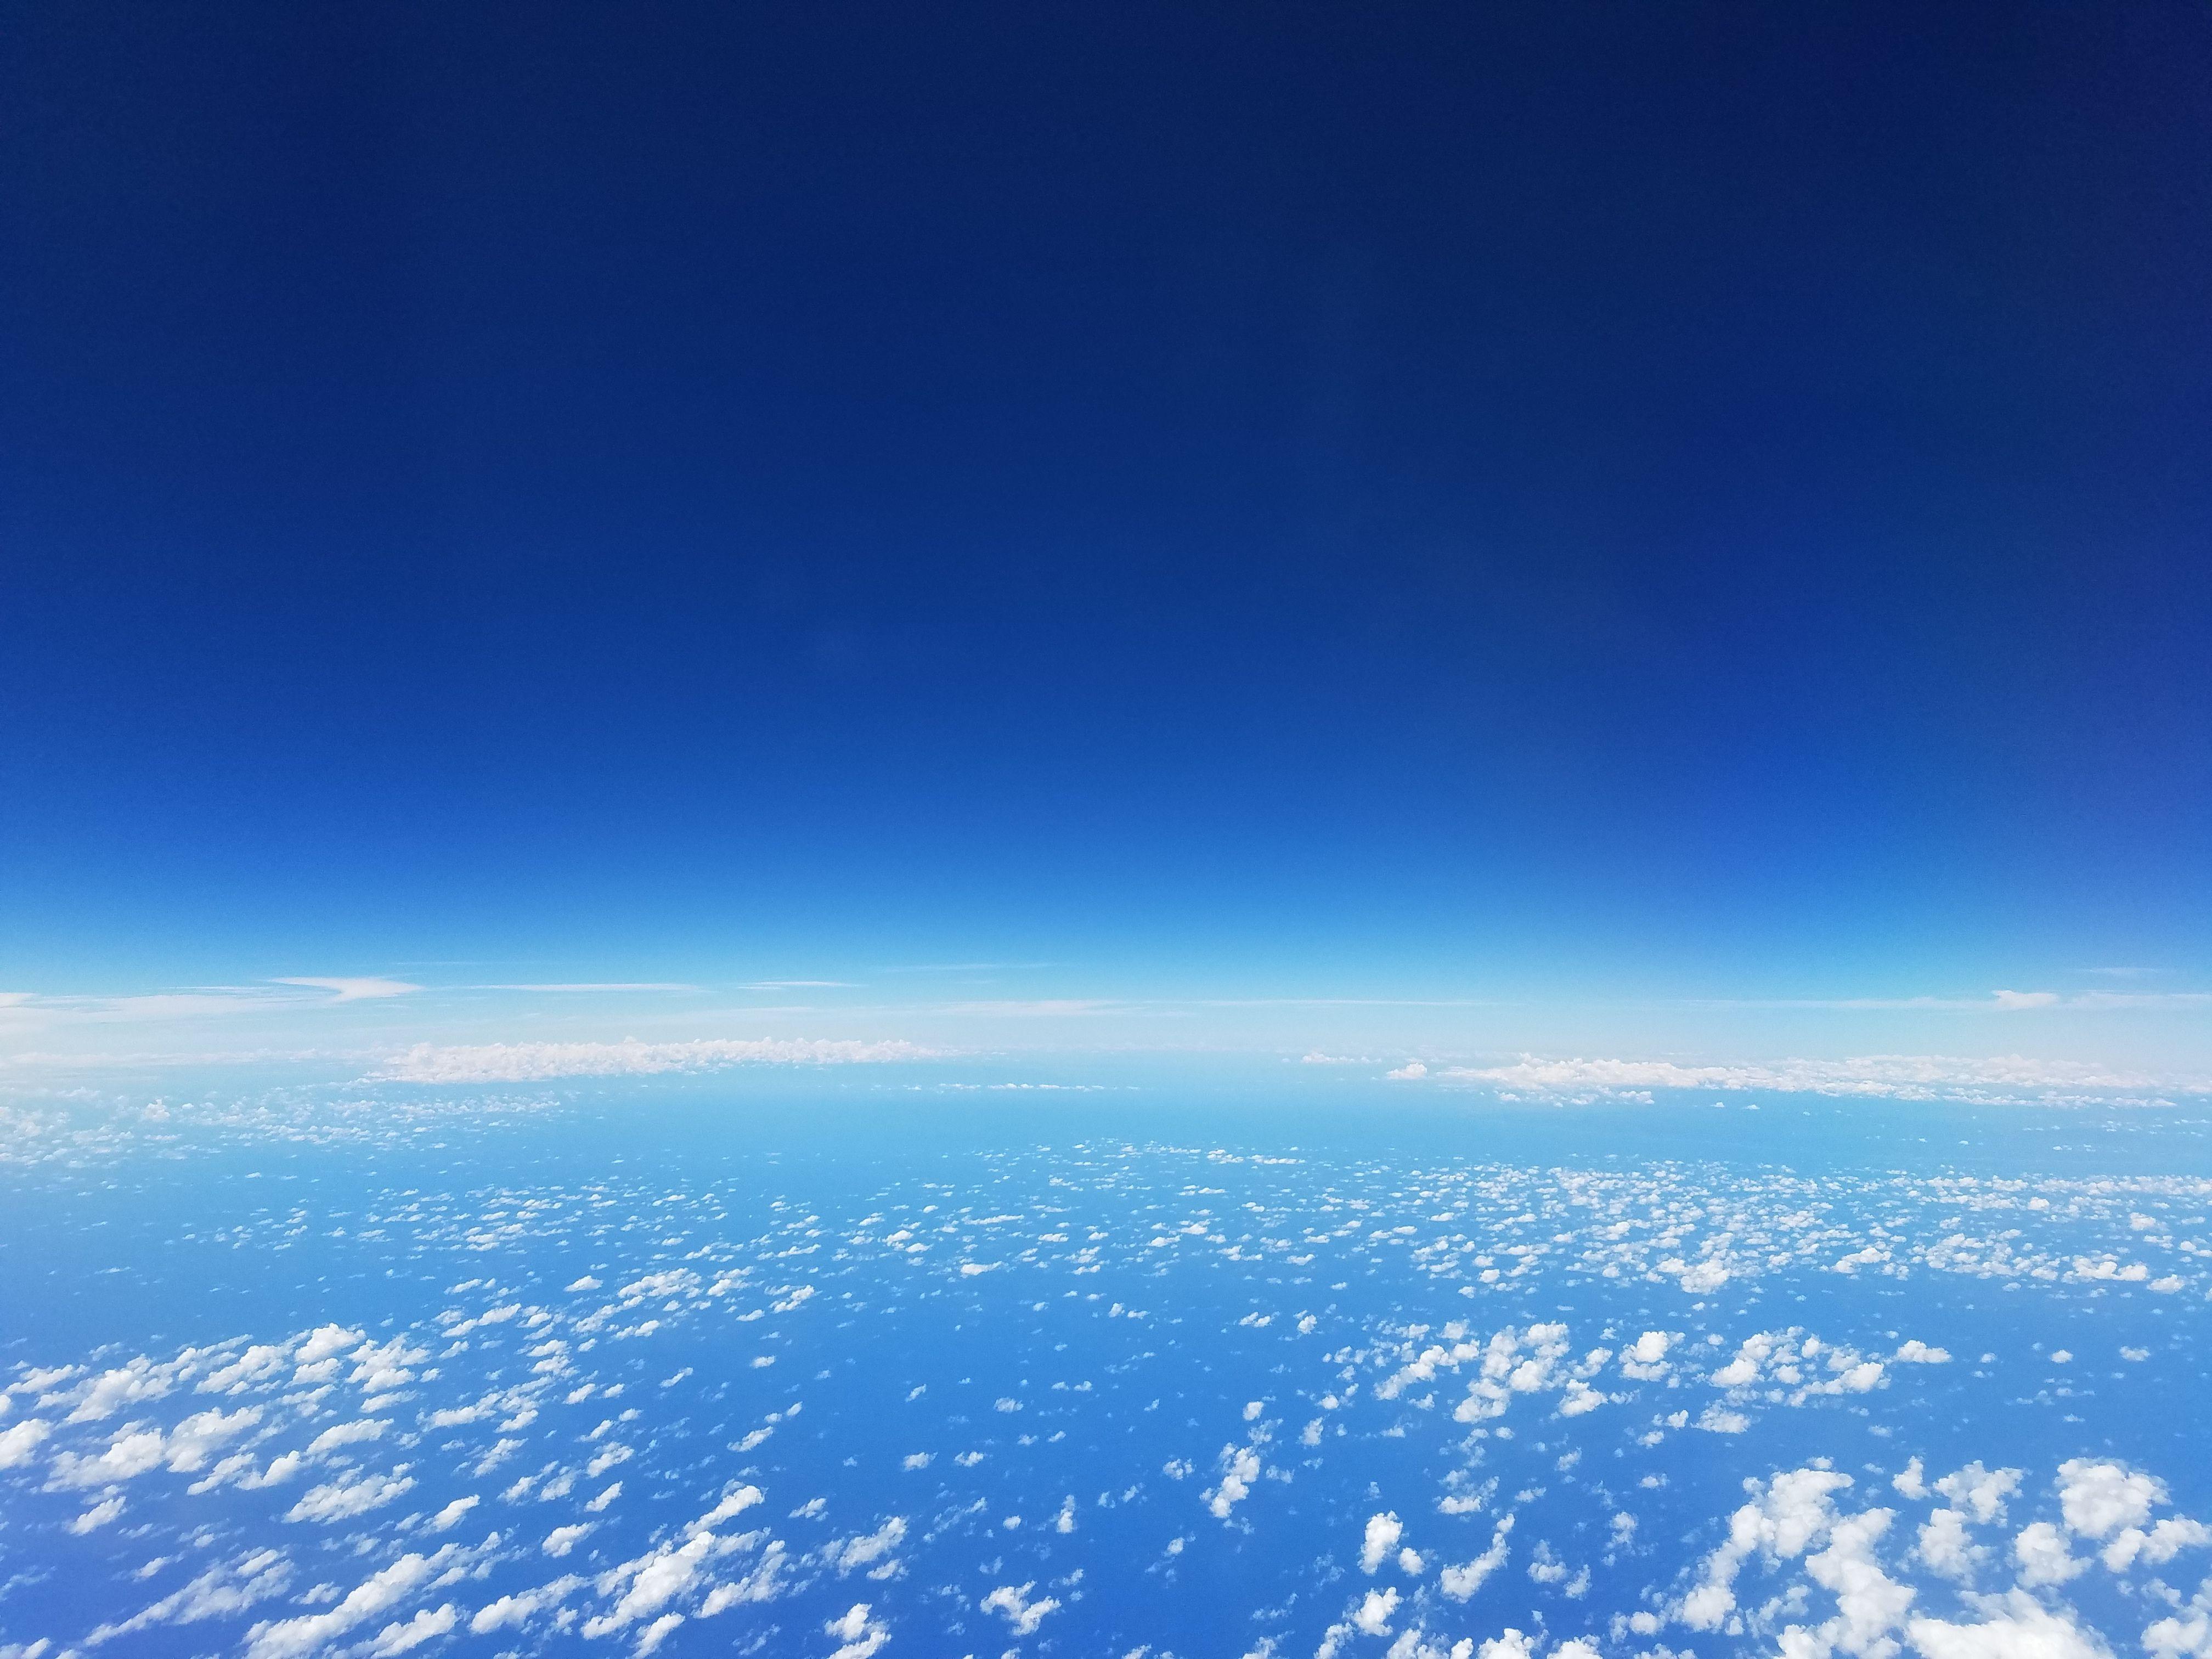 71463 скачать обои Небо, Голубой, Облака, Природа - заставки и картинки бесплатно